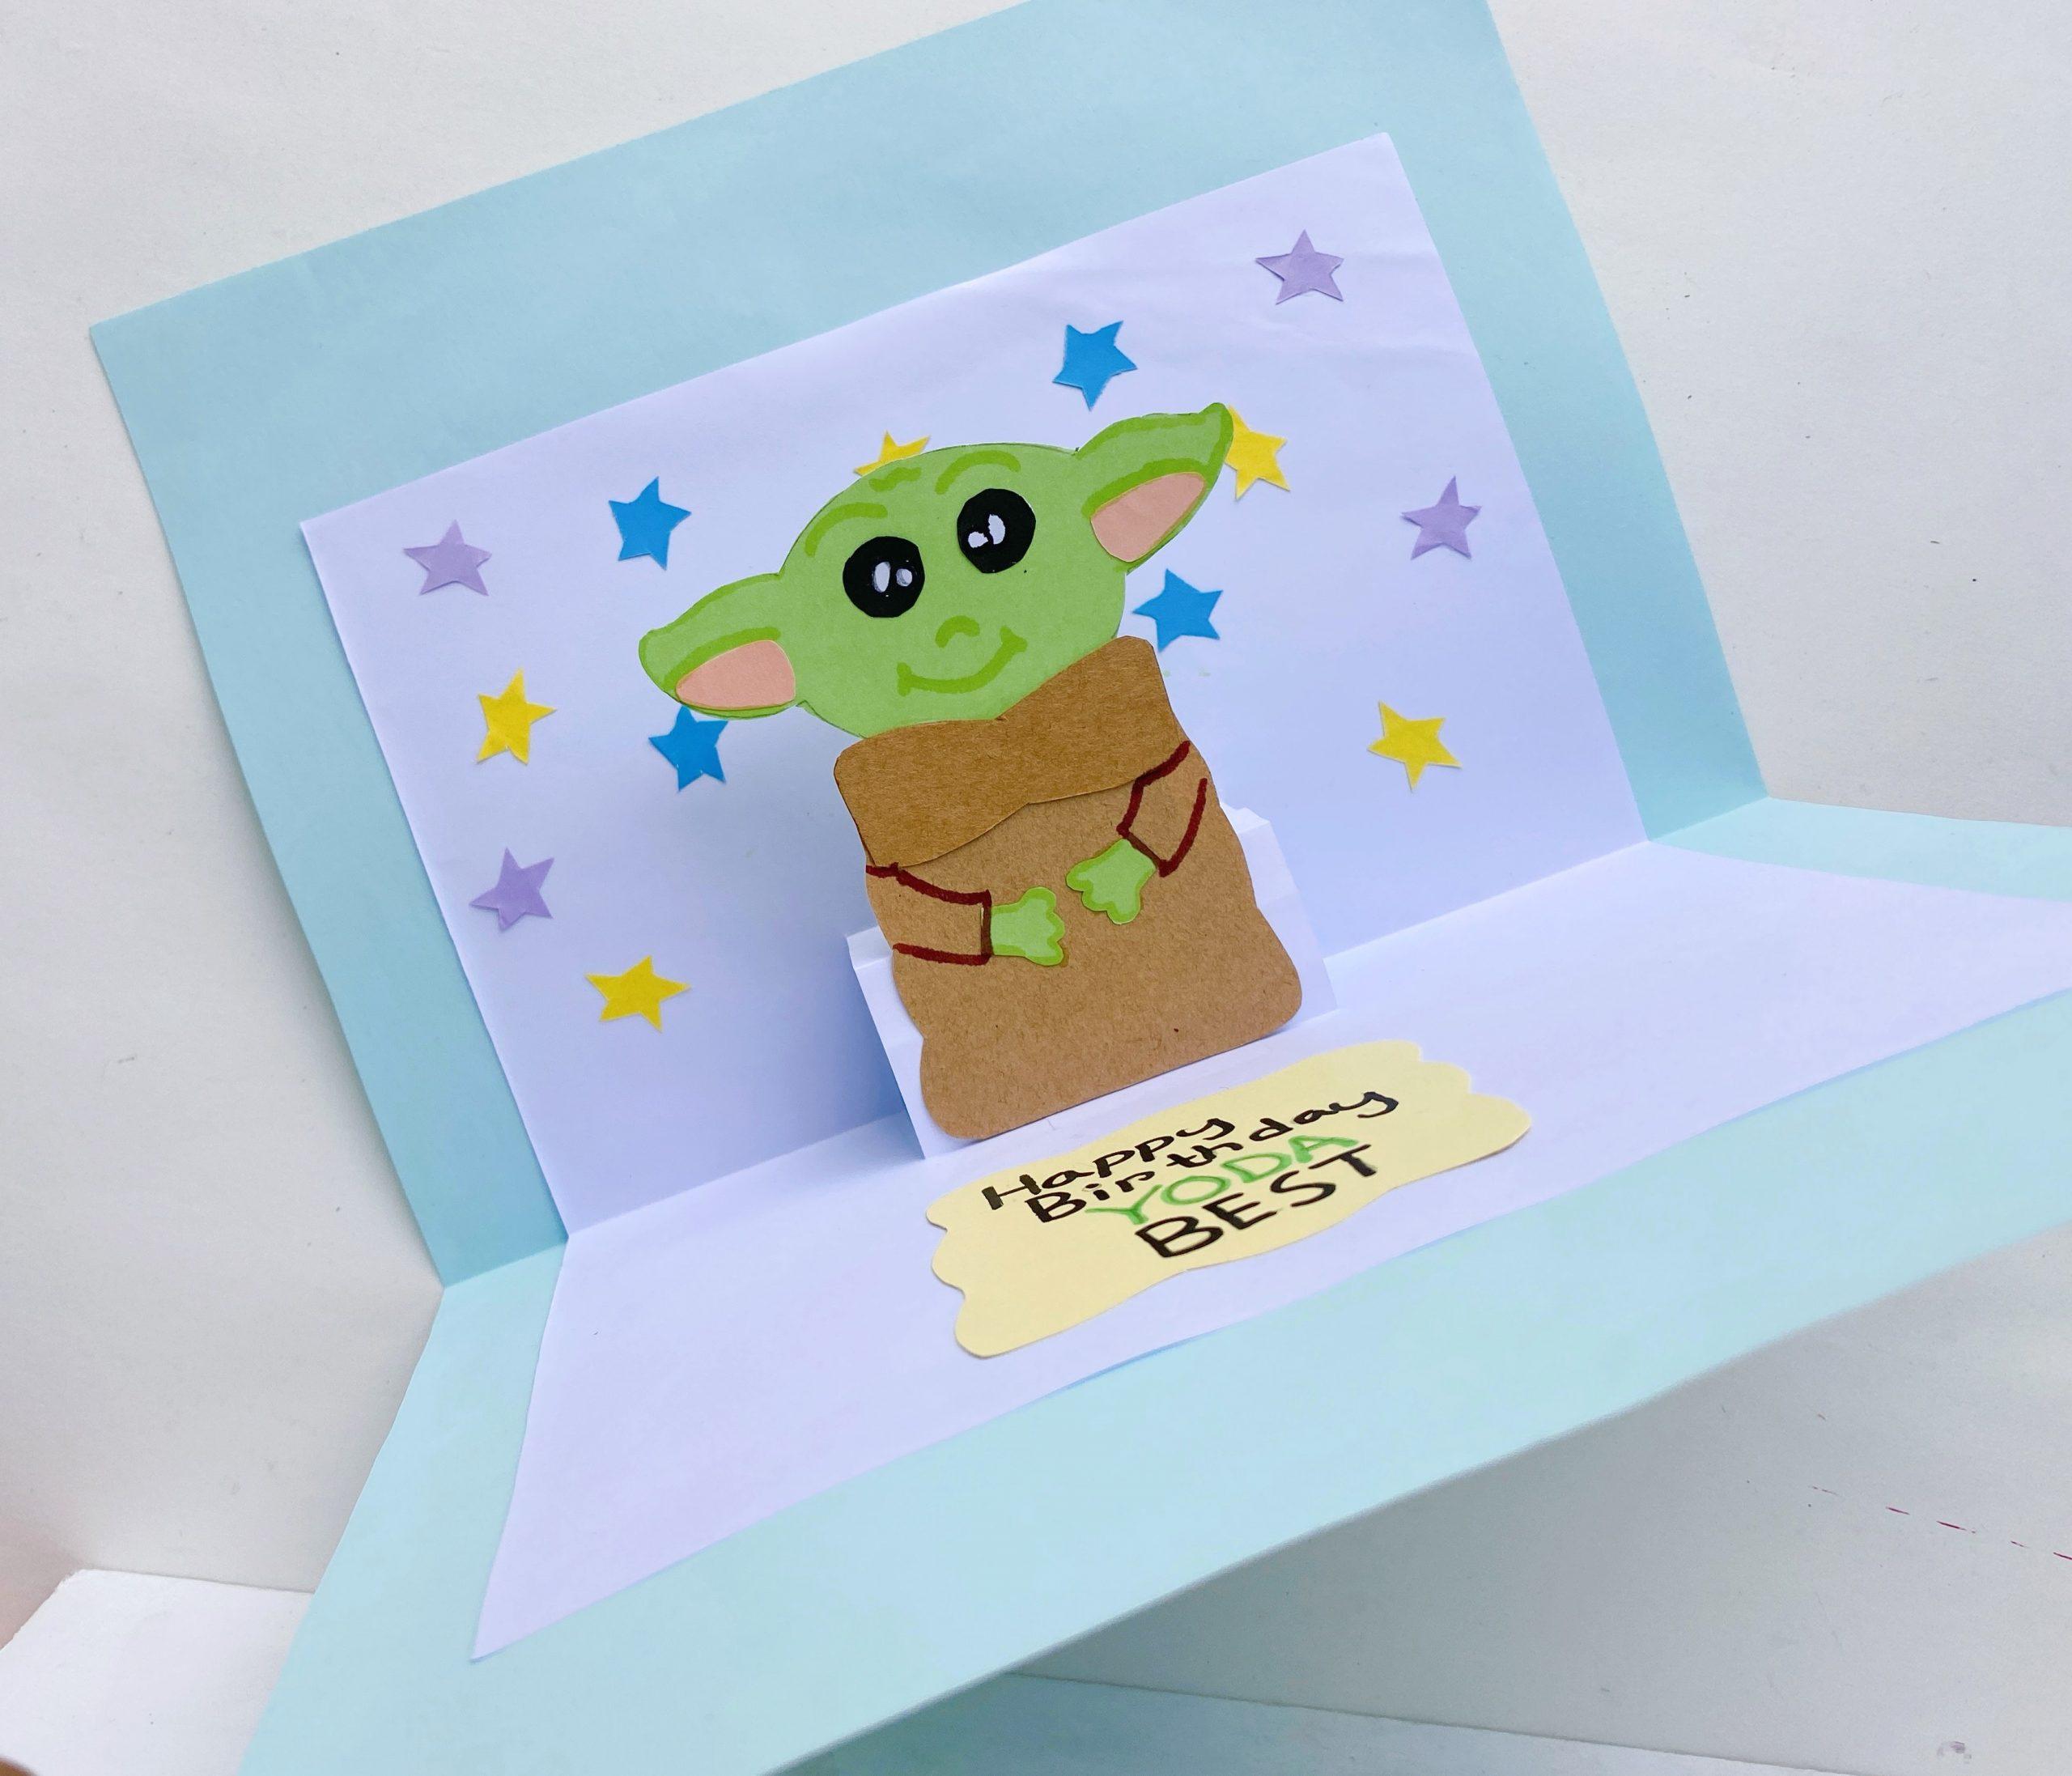 yoda star wars pop up card